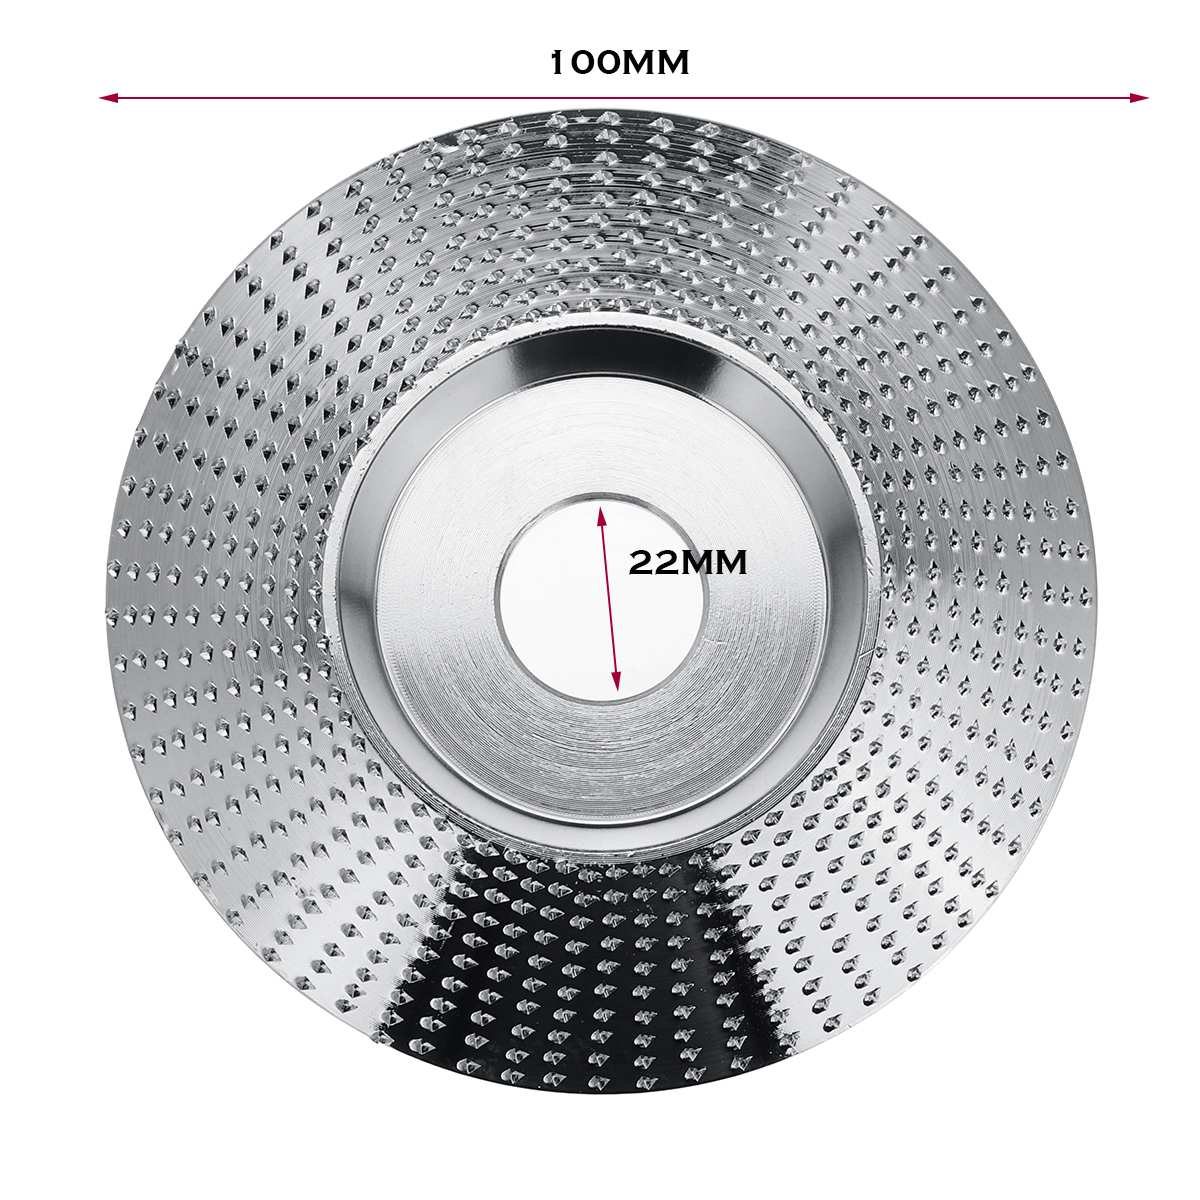 Круглая полировка угловые шлифовальные колеса для шлифовки древесины резьба формирование диск 22 мм аксессуары деревообрабатывающий инстр...